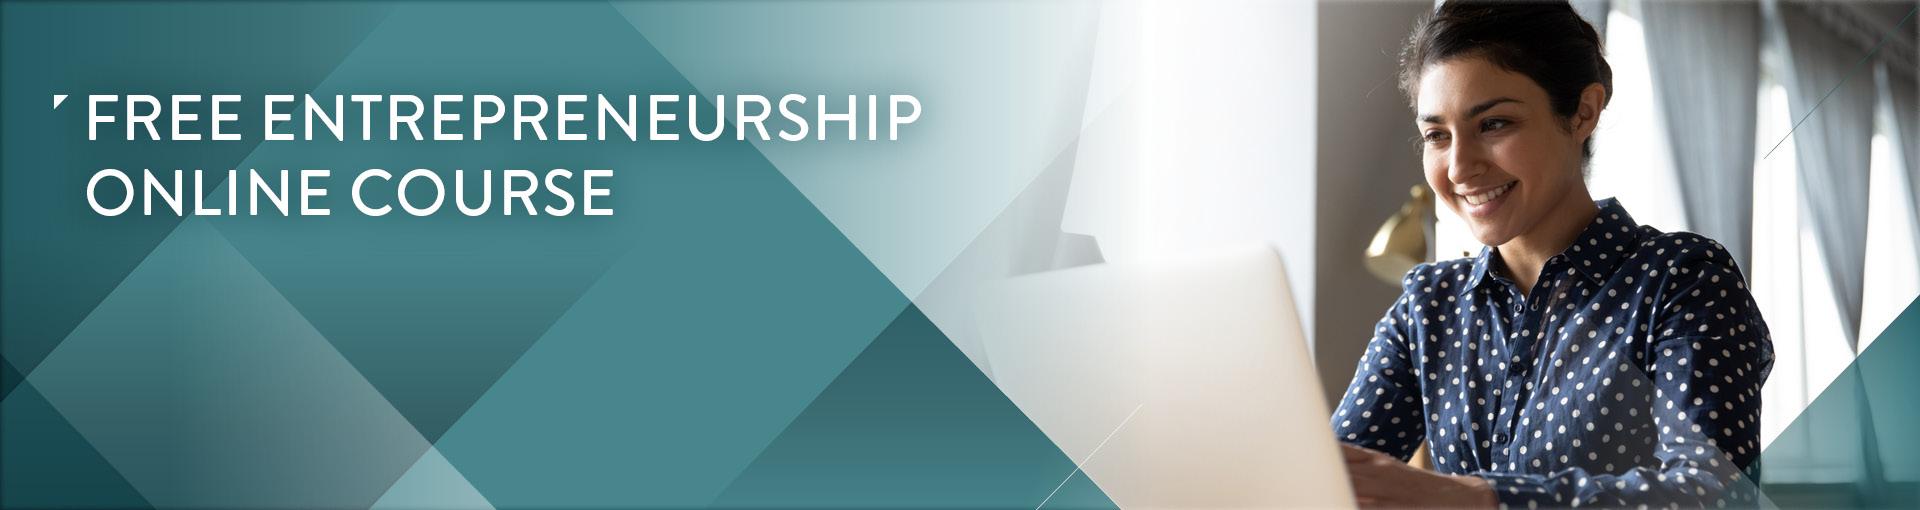 Web Slider Template_Entrepreneurship-1